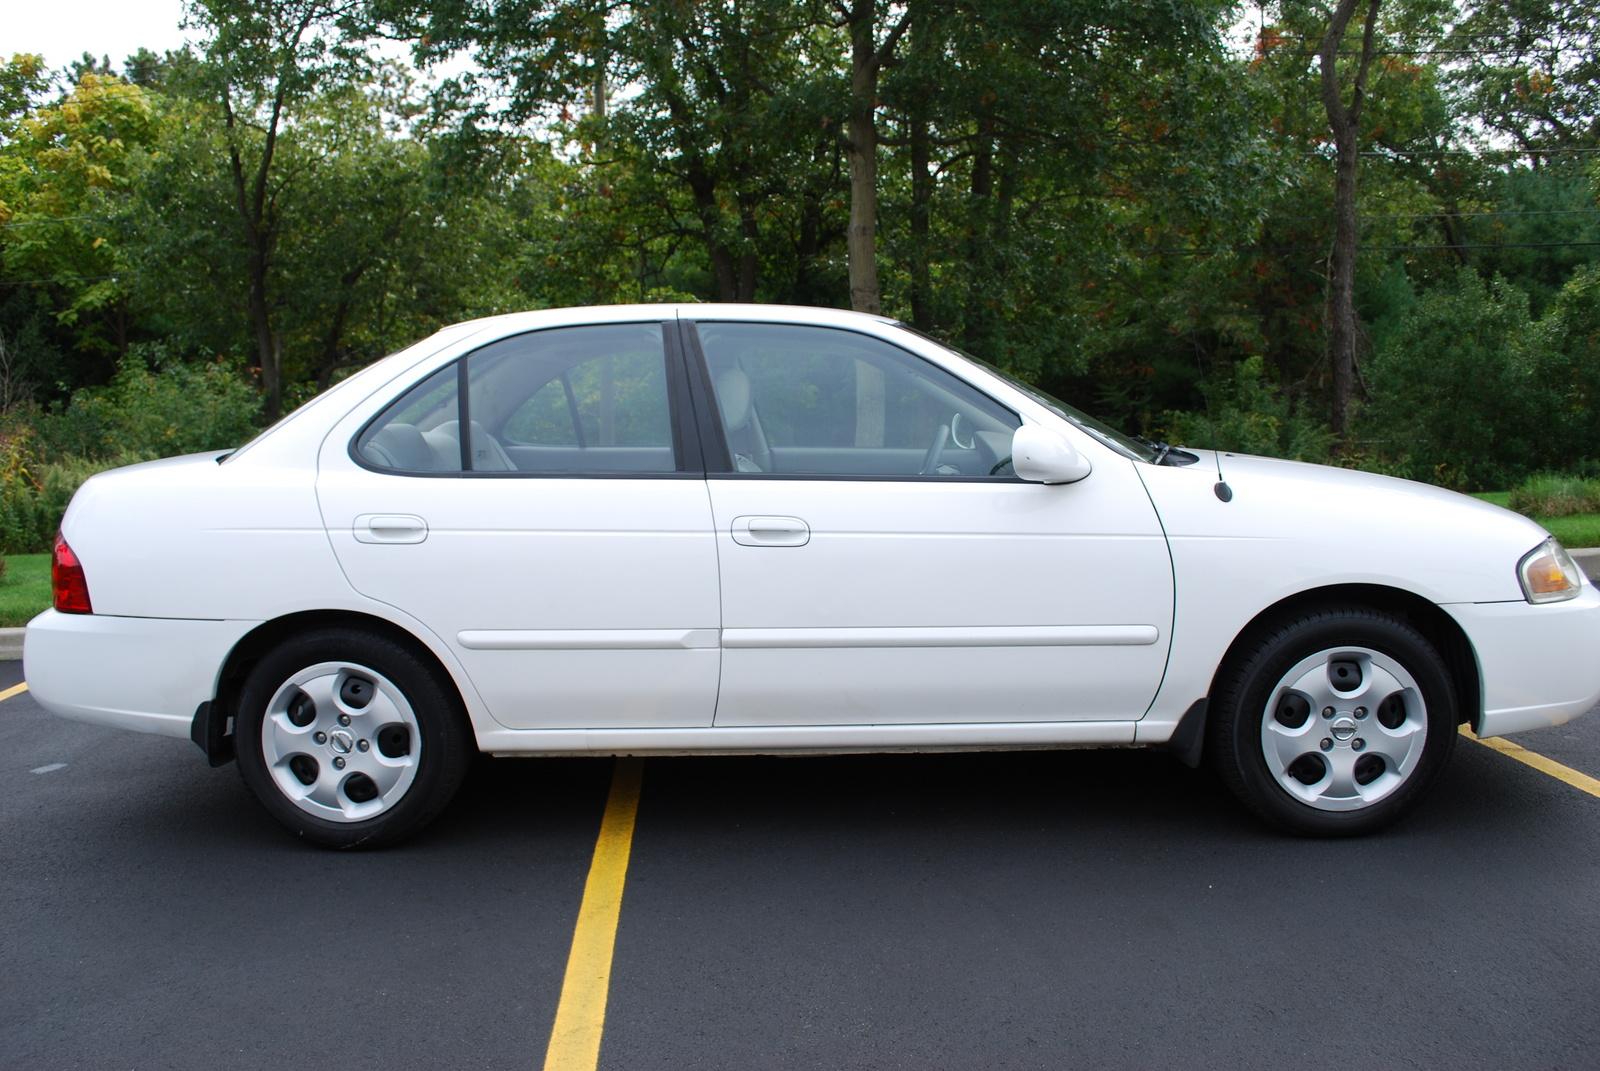 2004 Nissan Sentra Spec V Car And Driver Upcomingcarshq Com